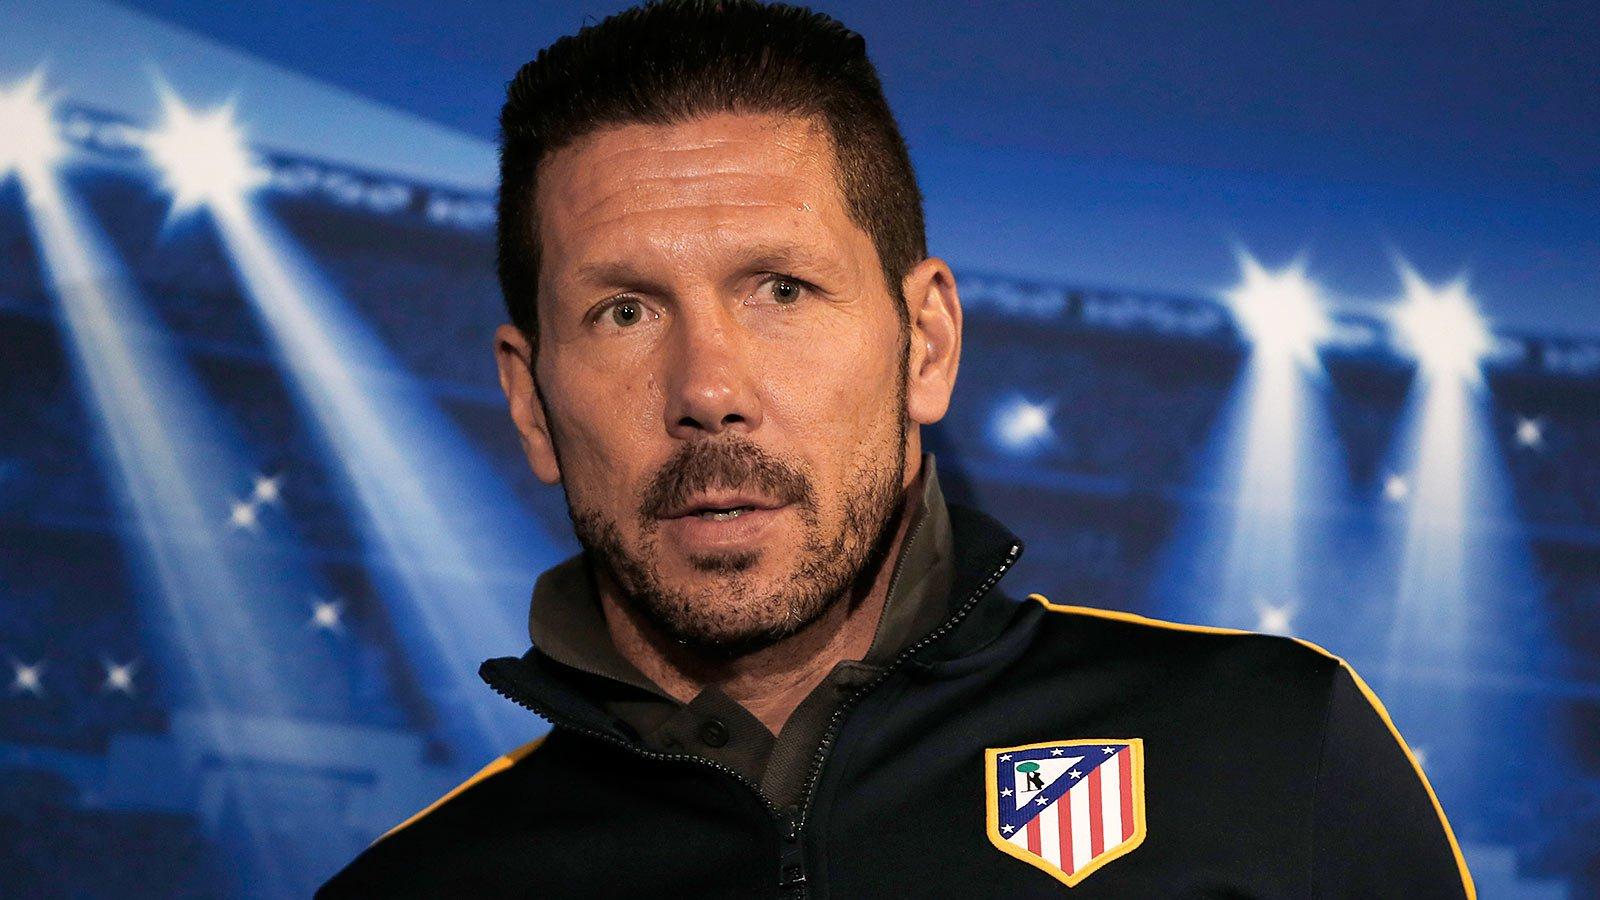 Europa League: El Atlético de Madrid busca la primera gran noche europea en el Wanda Metropolitano